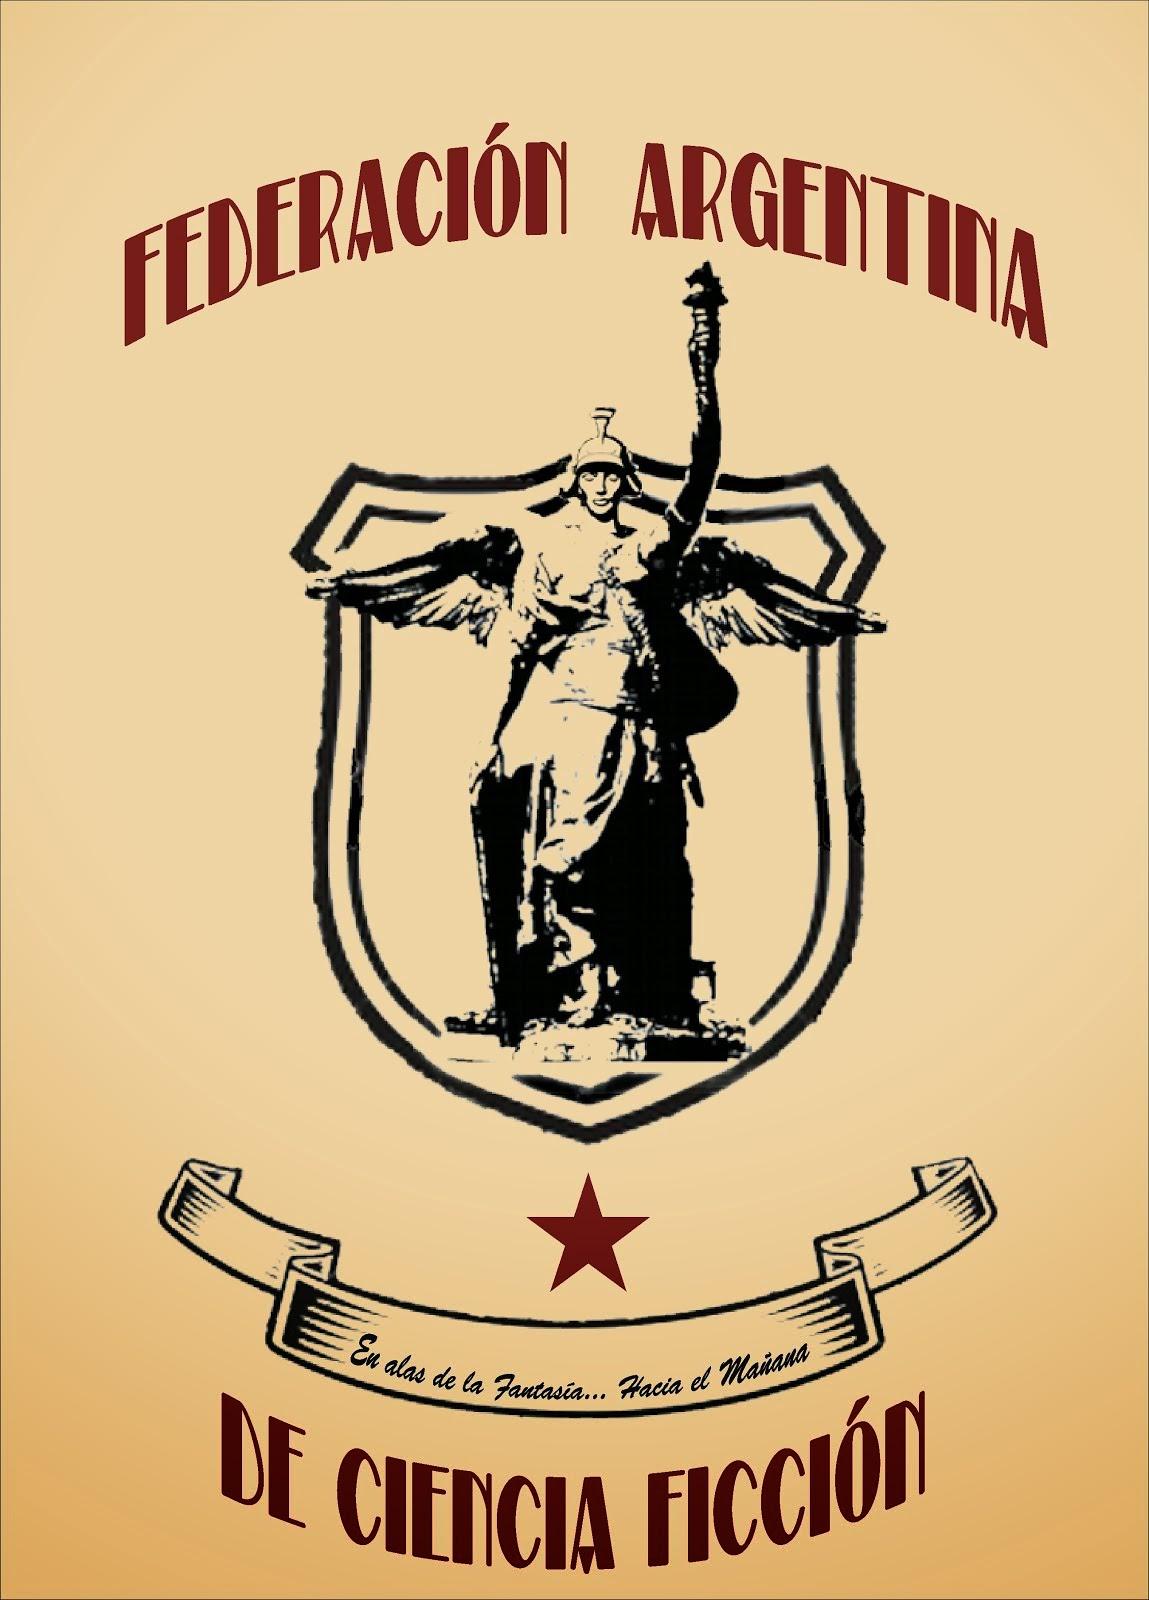 Federación Argentina de Ciencia Ficción